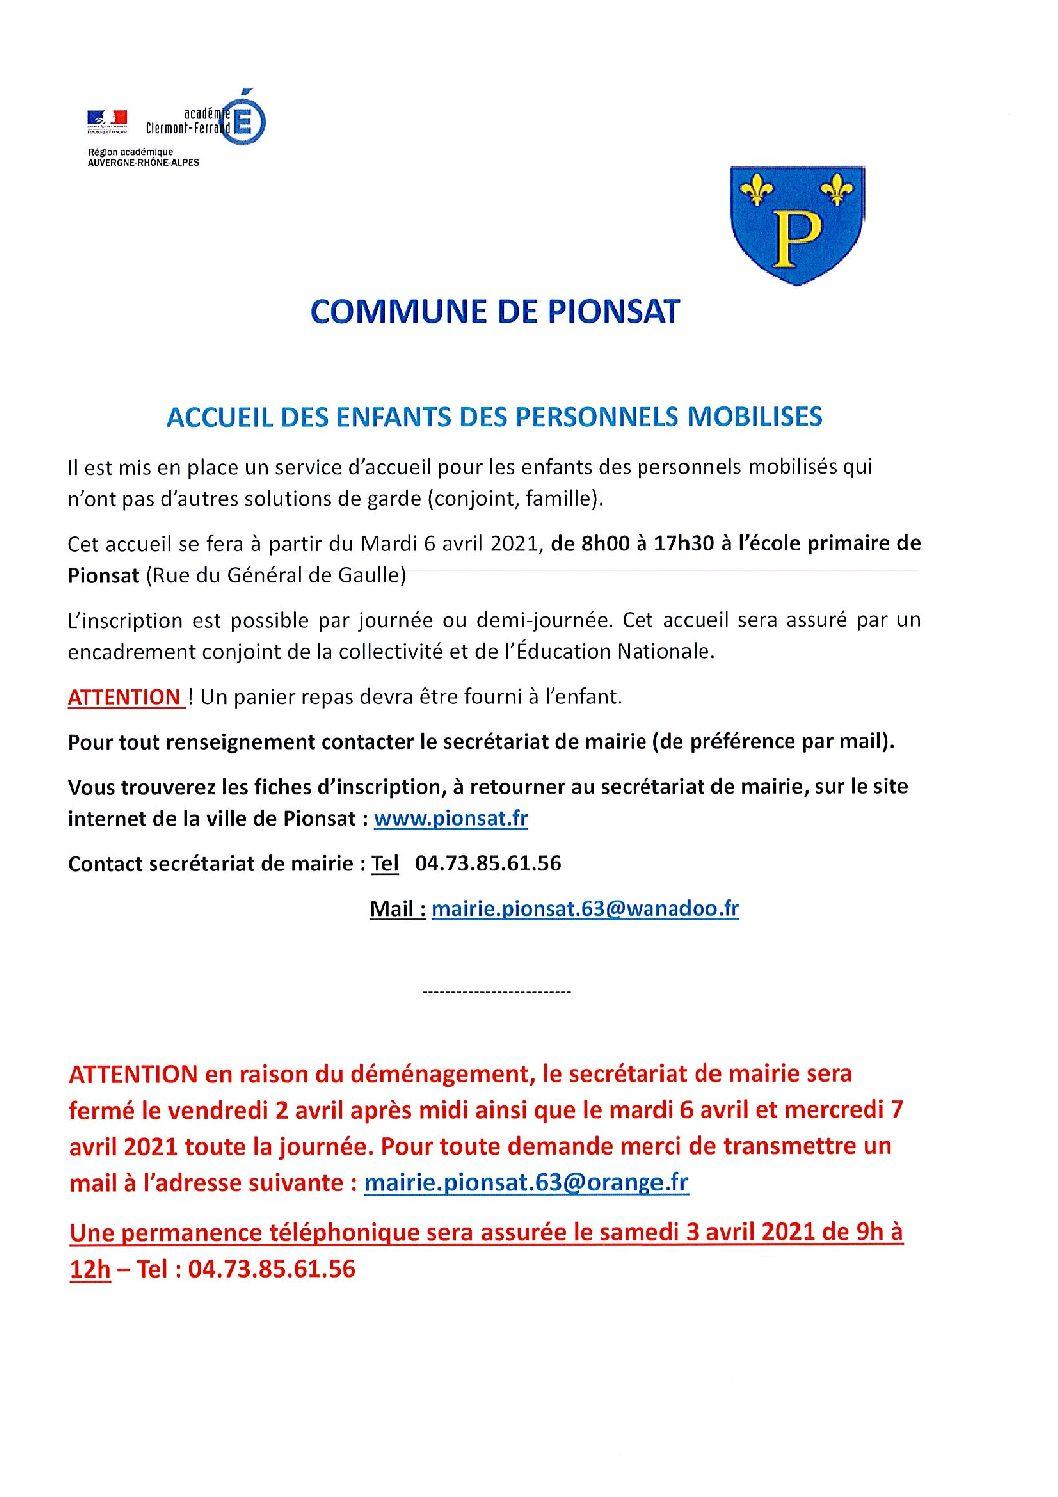 ACCUEIL DES ENFANTS DES PERSONNELS MOBILISES